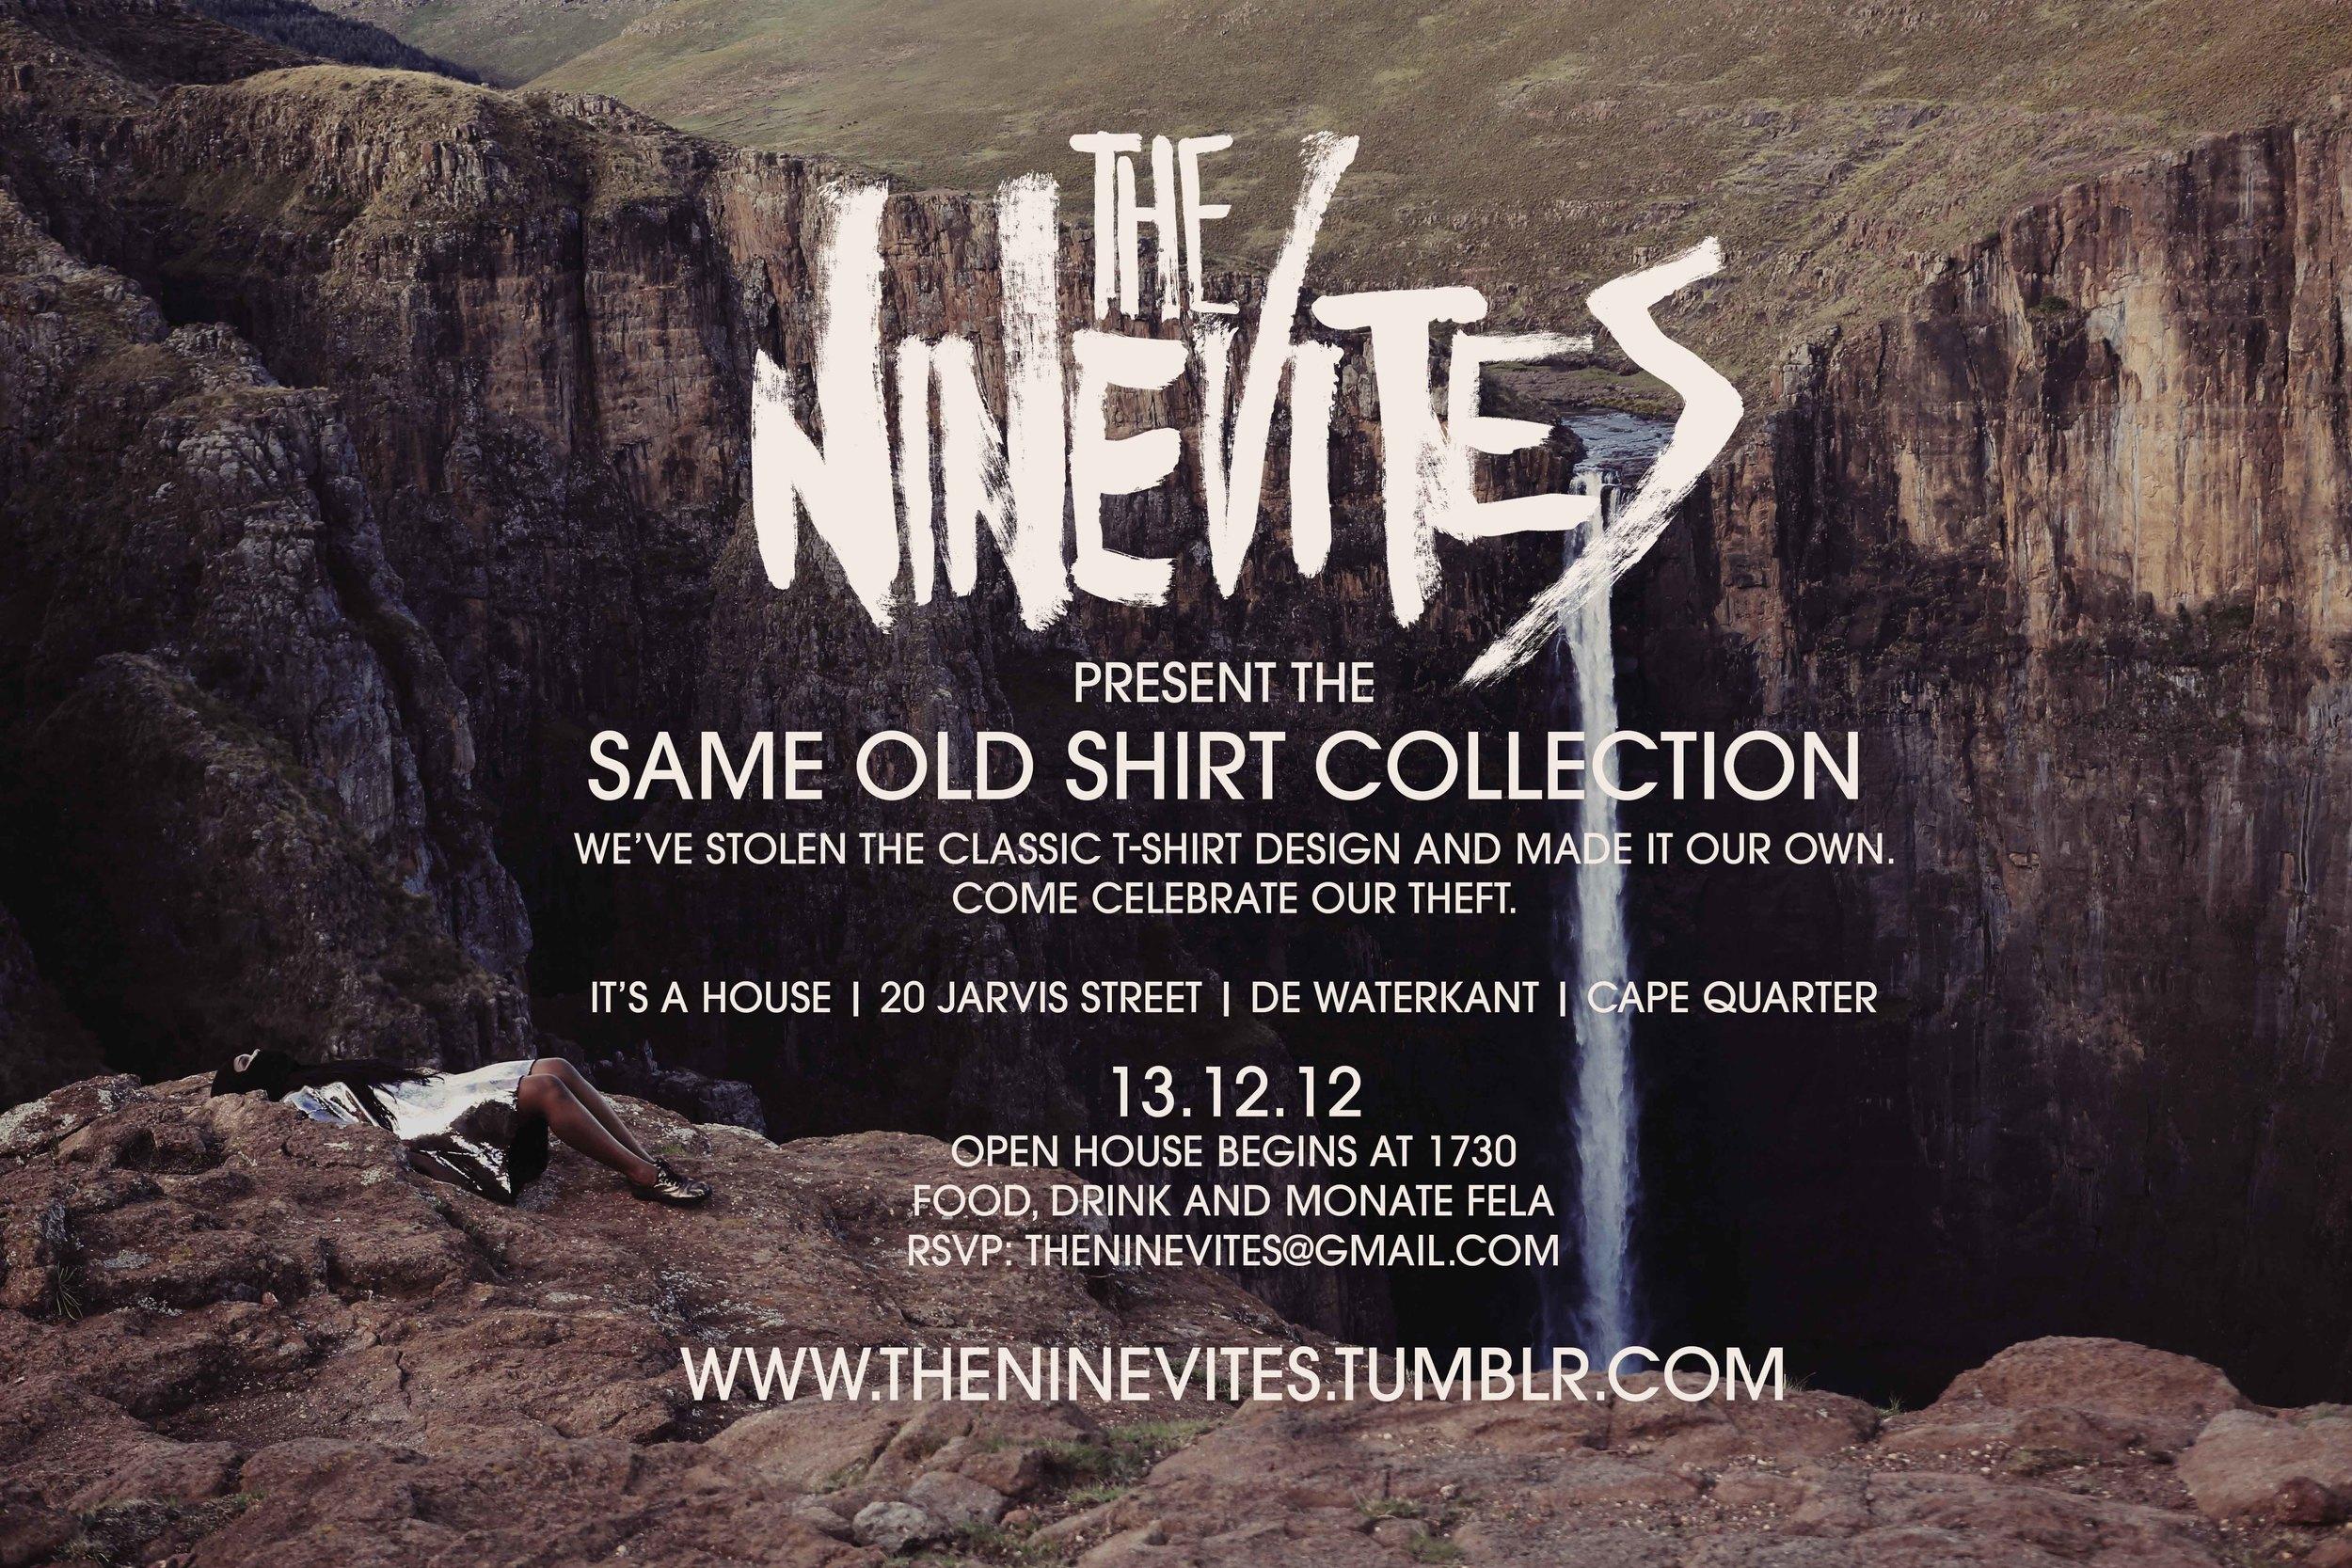 Ninevites Launch.jpg